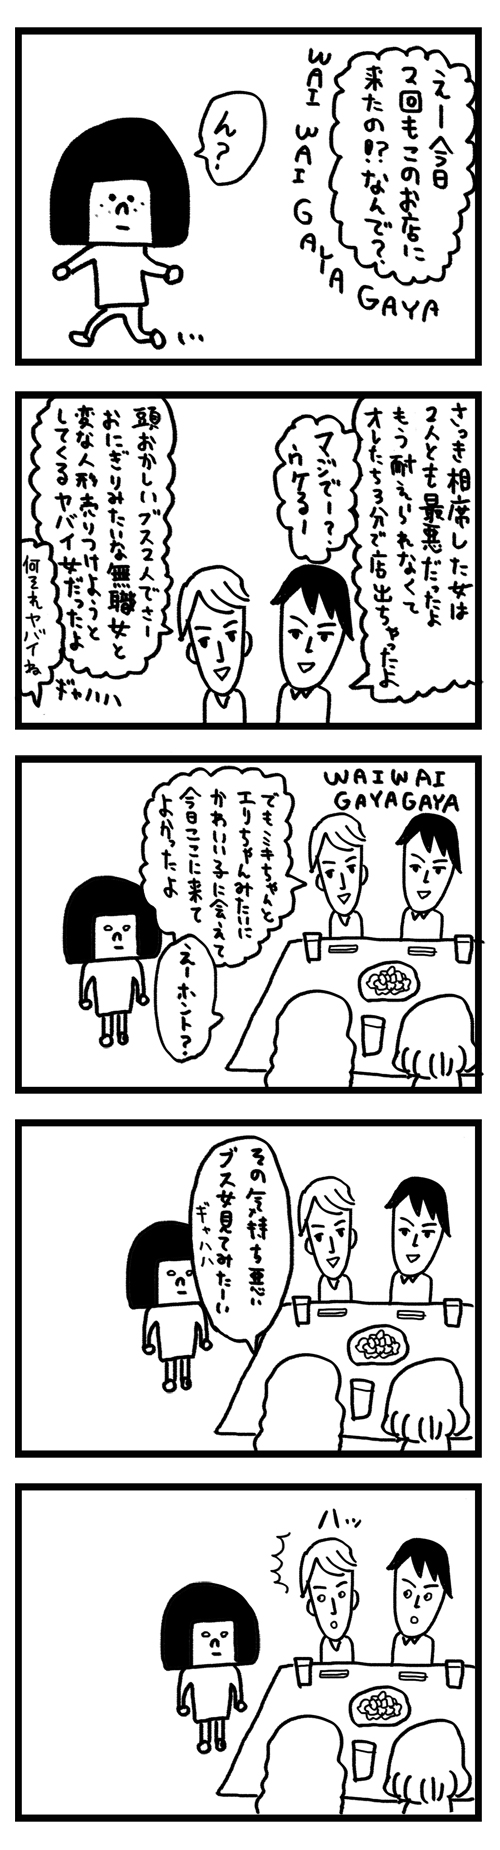 モテないアラサー女です 漫画 5